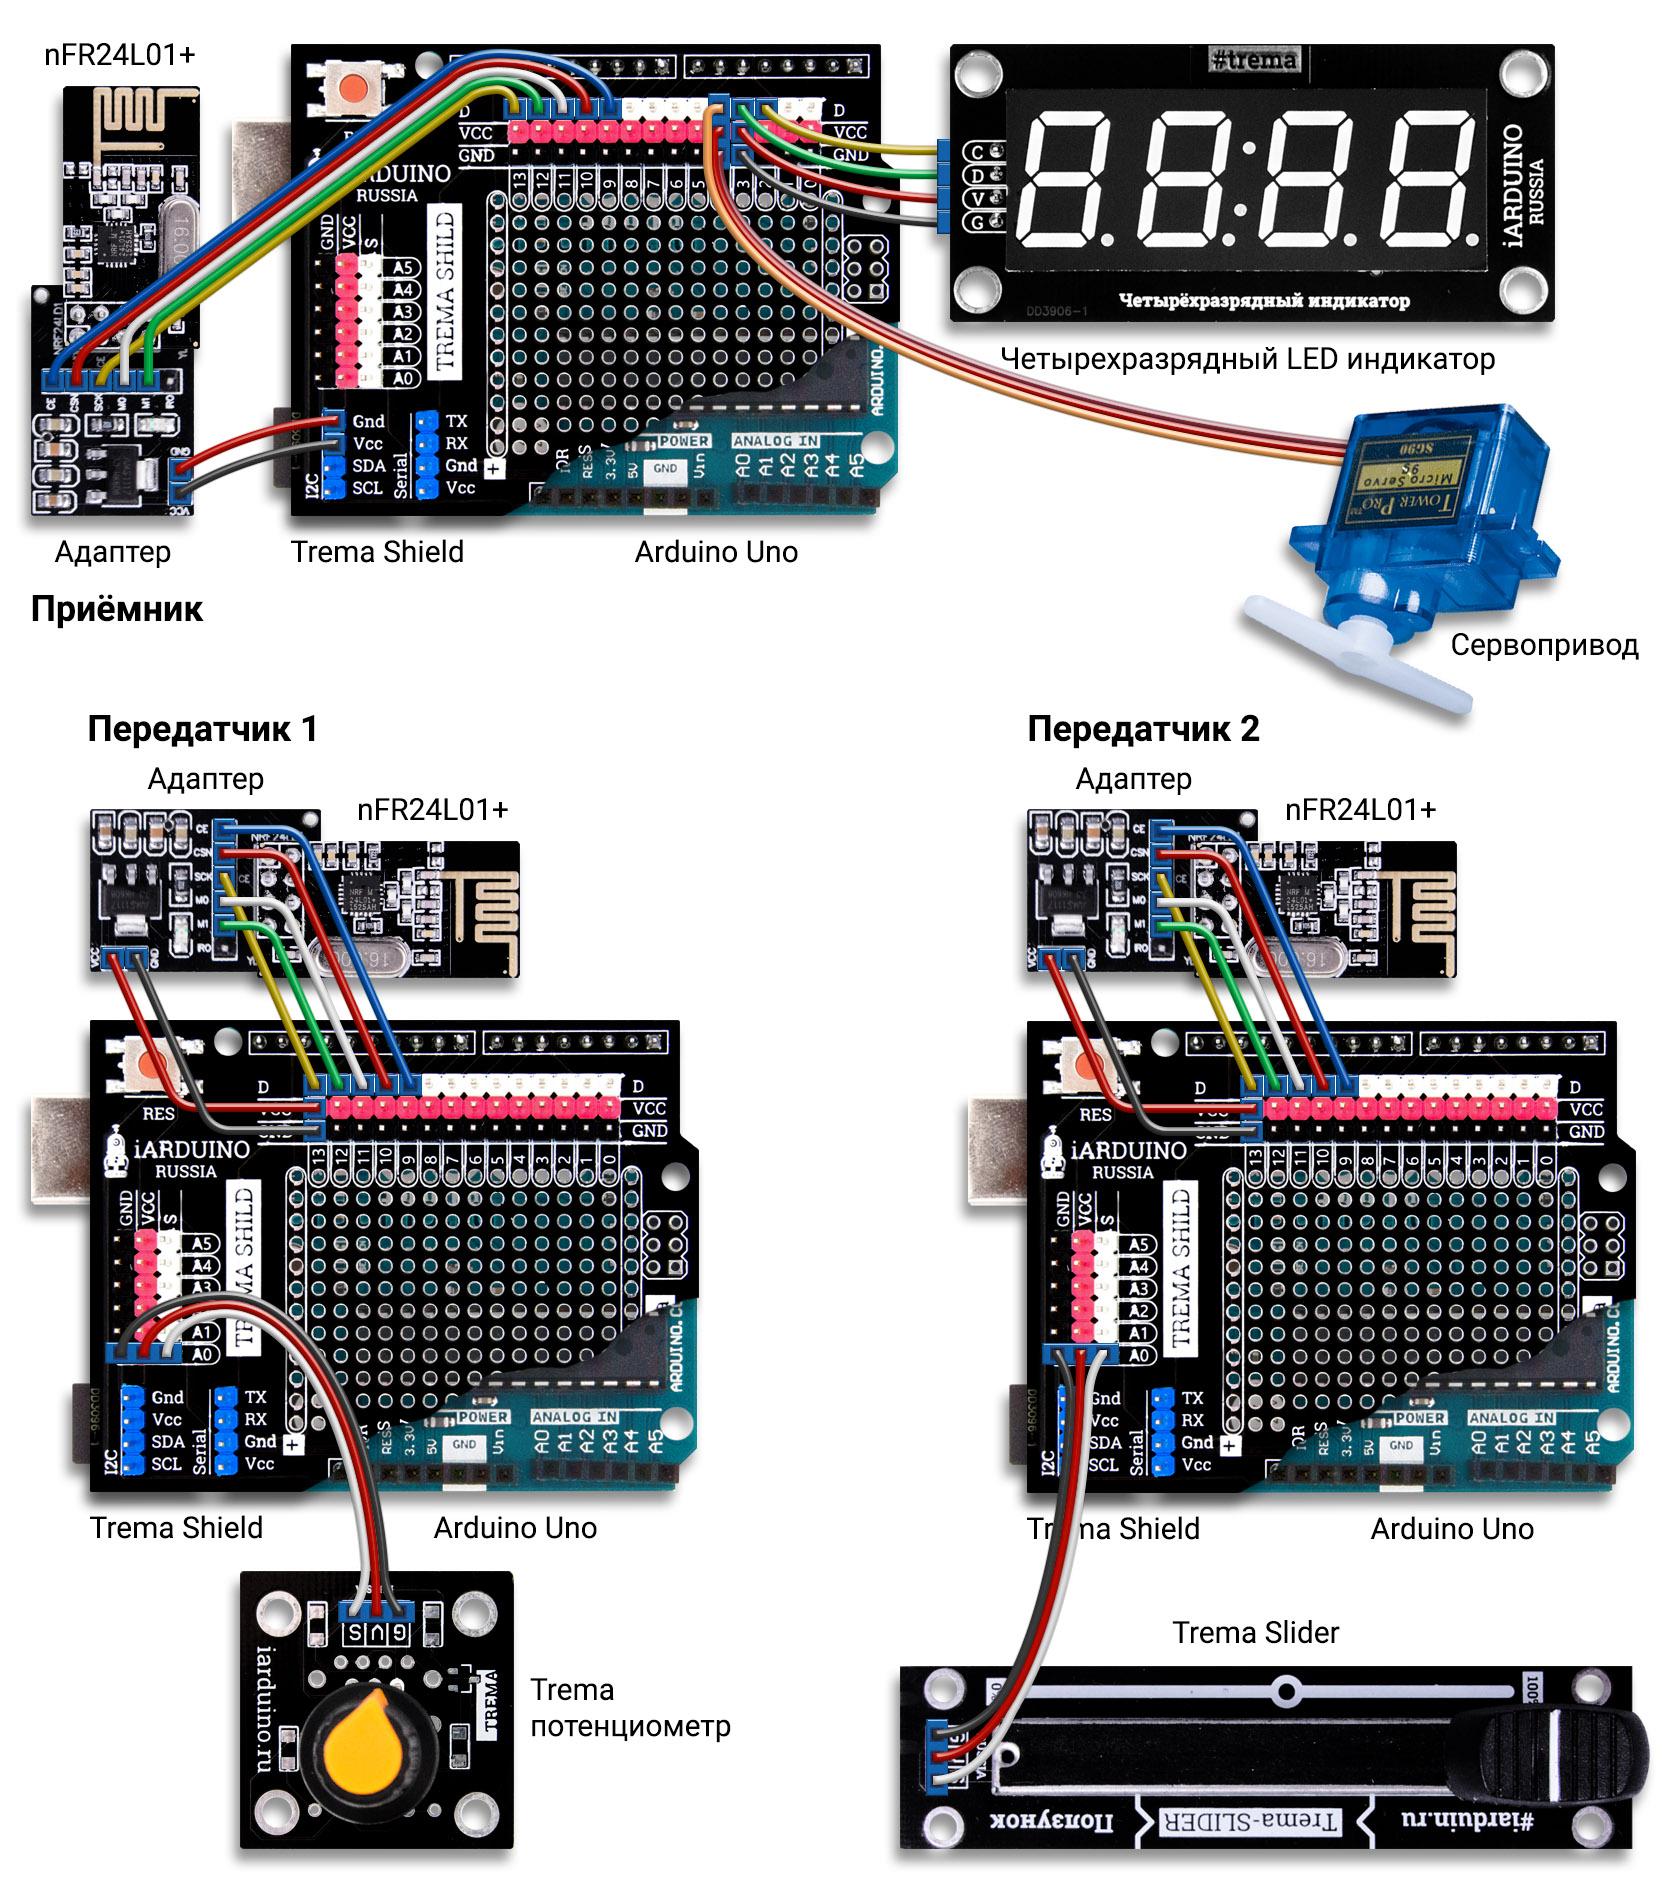 Схема соединения нескольких arduino по радиоканалу